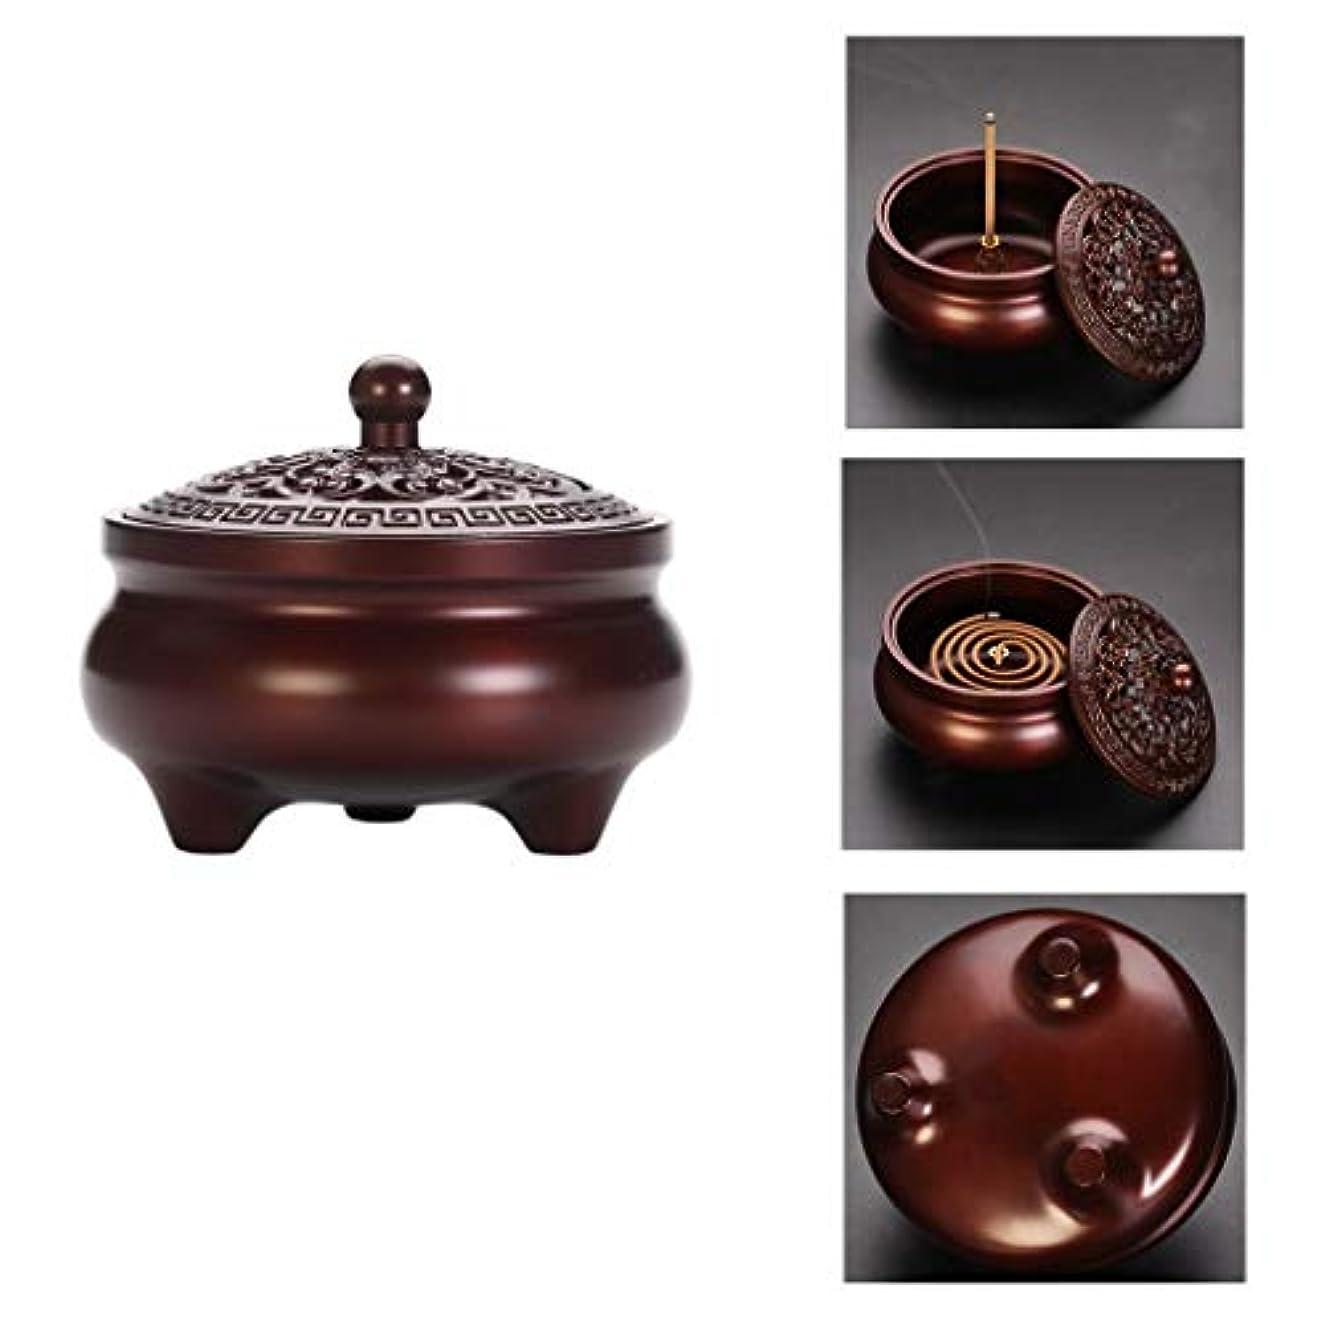 流星画家目を覚ますホームアロマバーナー 純銅製メカニズム香炉シンプルでエレガントな香炉内三脚アロマセラピー炉 アロマバーナー (Color : Purple Lotus)